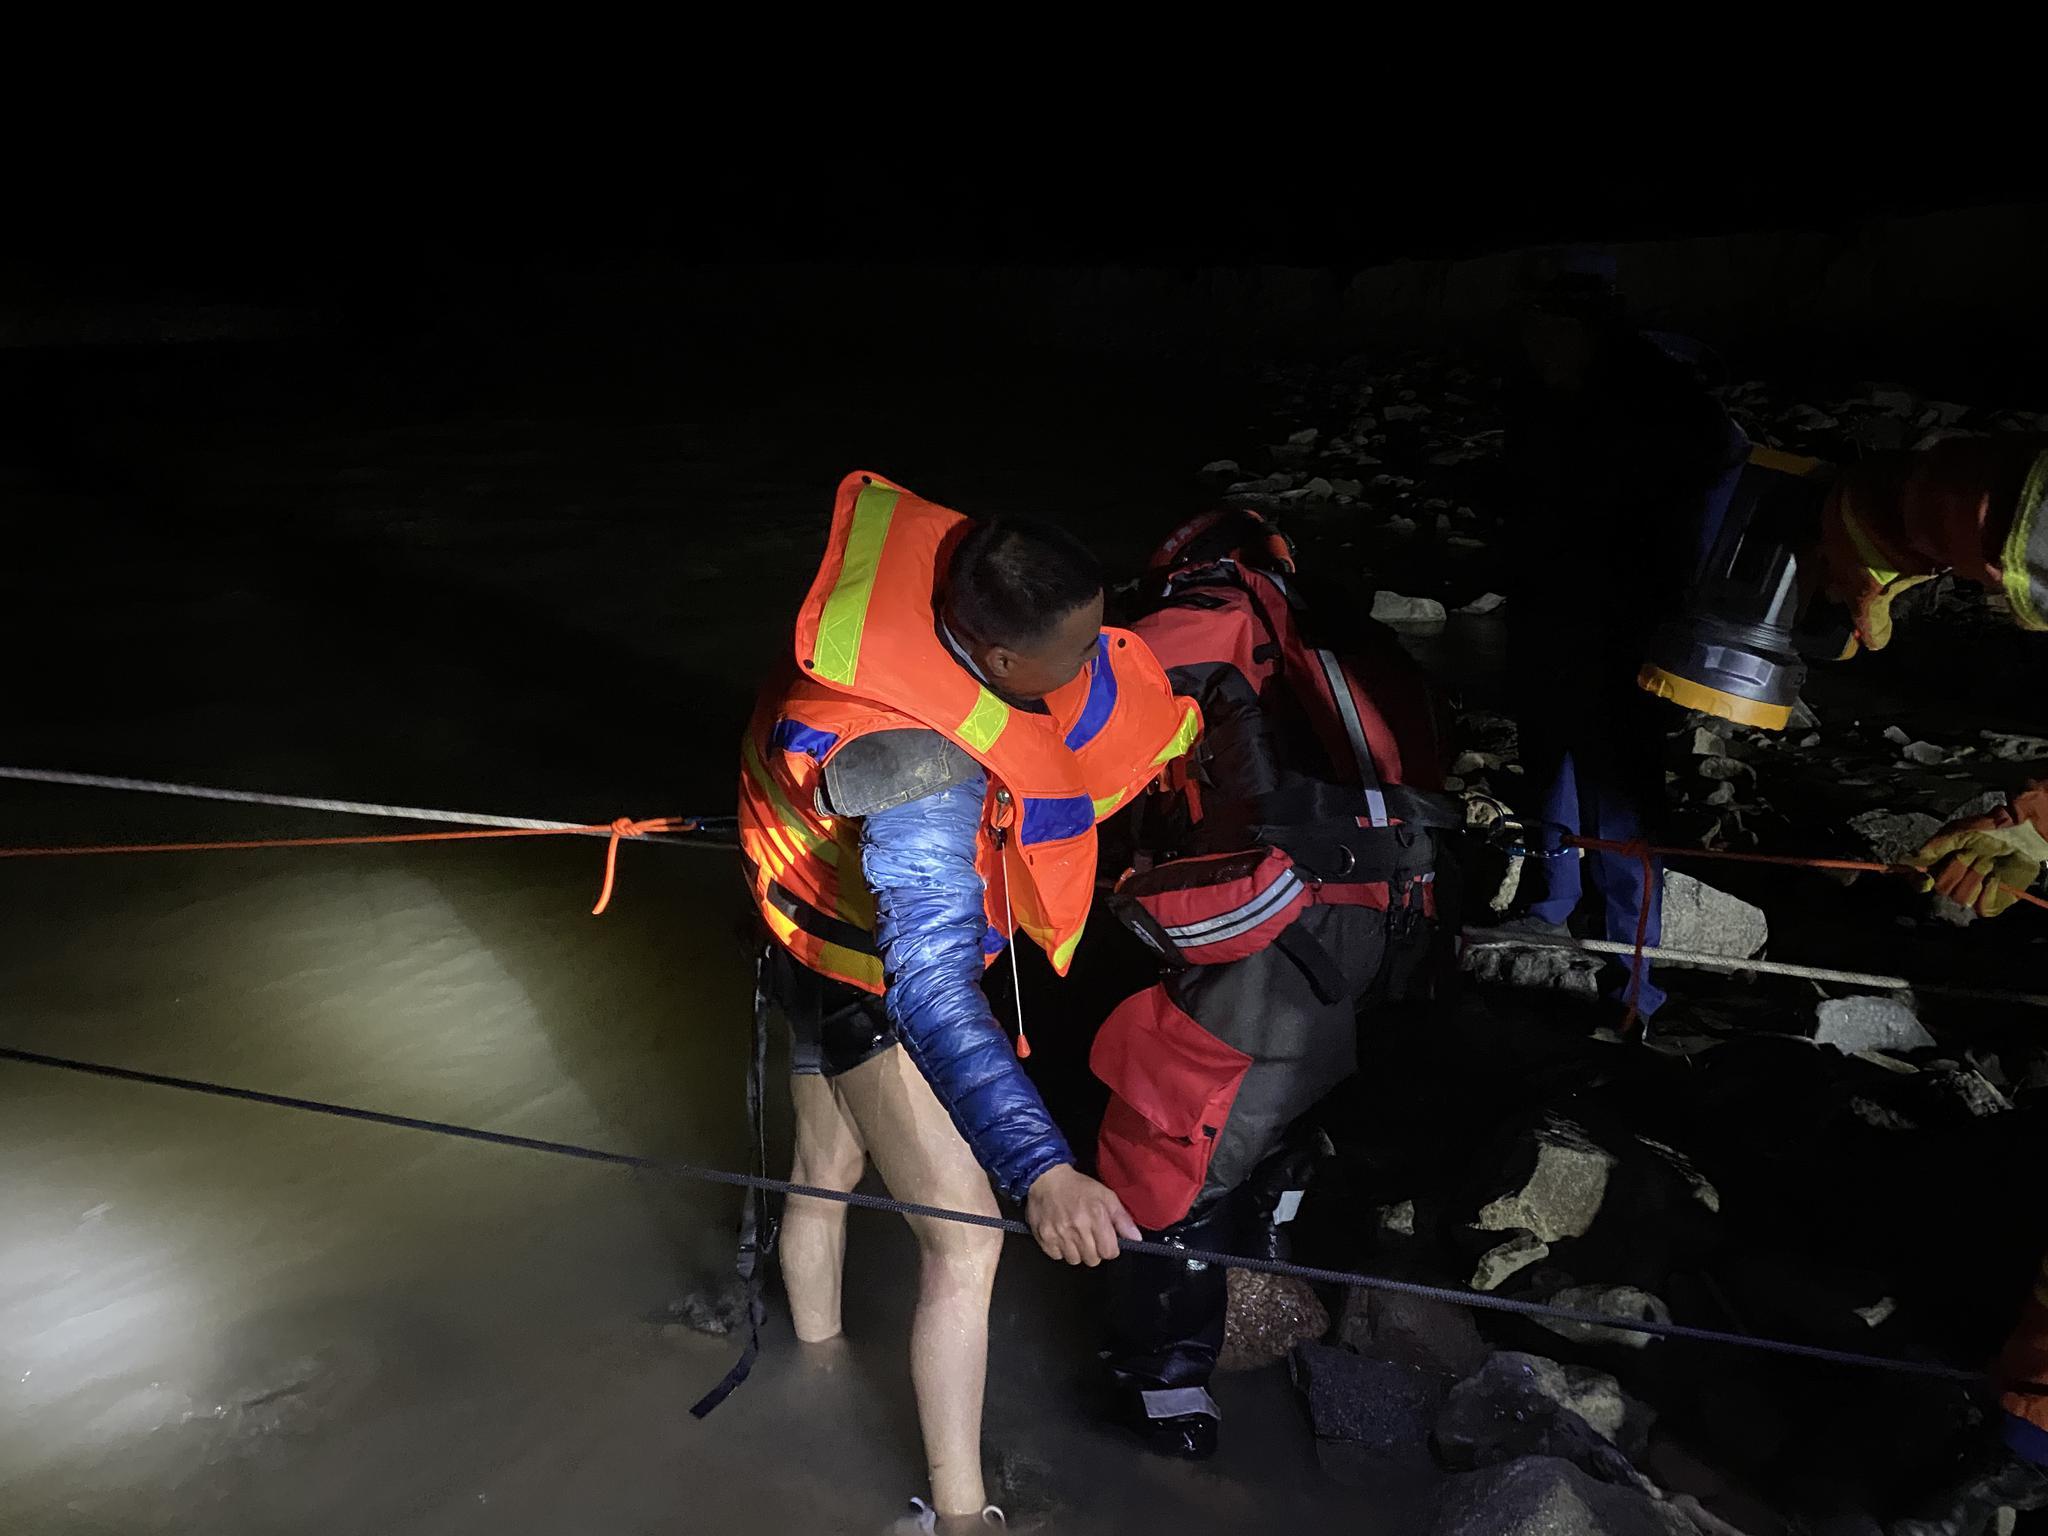 四名地质工作者在青海无人区执行任务被困,消防连夜救出